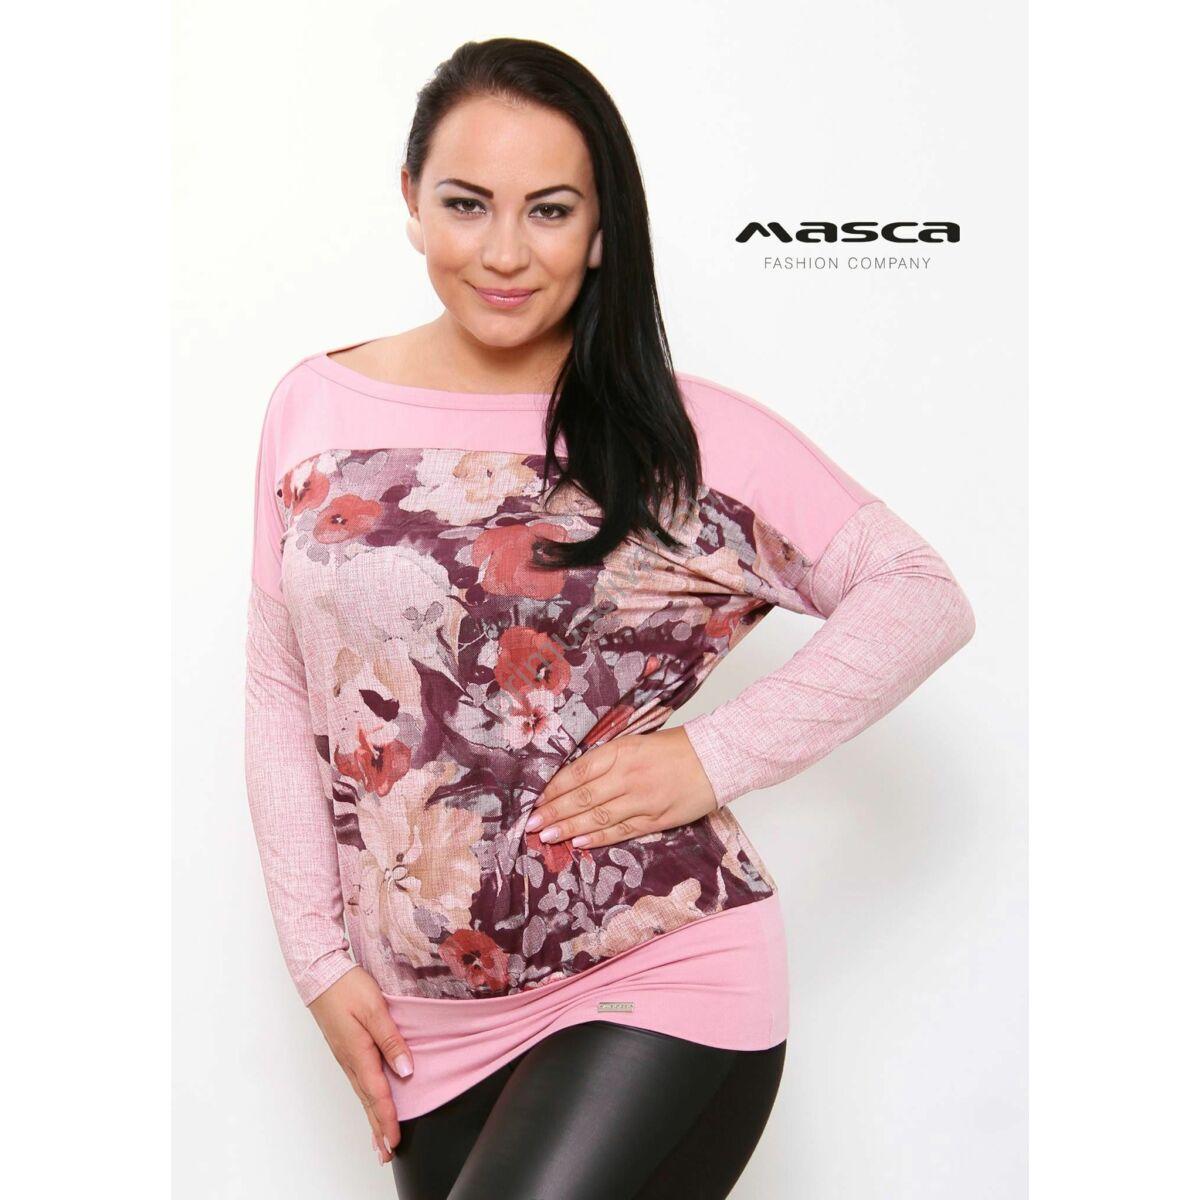 e540377c89 Kép 1/1 - Masca Fashion csónaknyakú, hosszú denevérujjú rózsaszín bő felső,  virágmintás betéttel